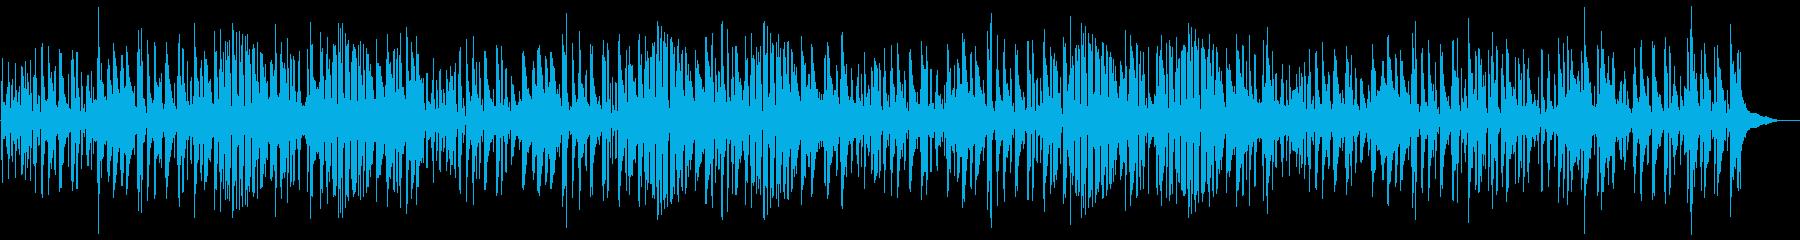 夏おしゃれでかっこいいジャズピアノサンバの再生済みの波形